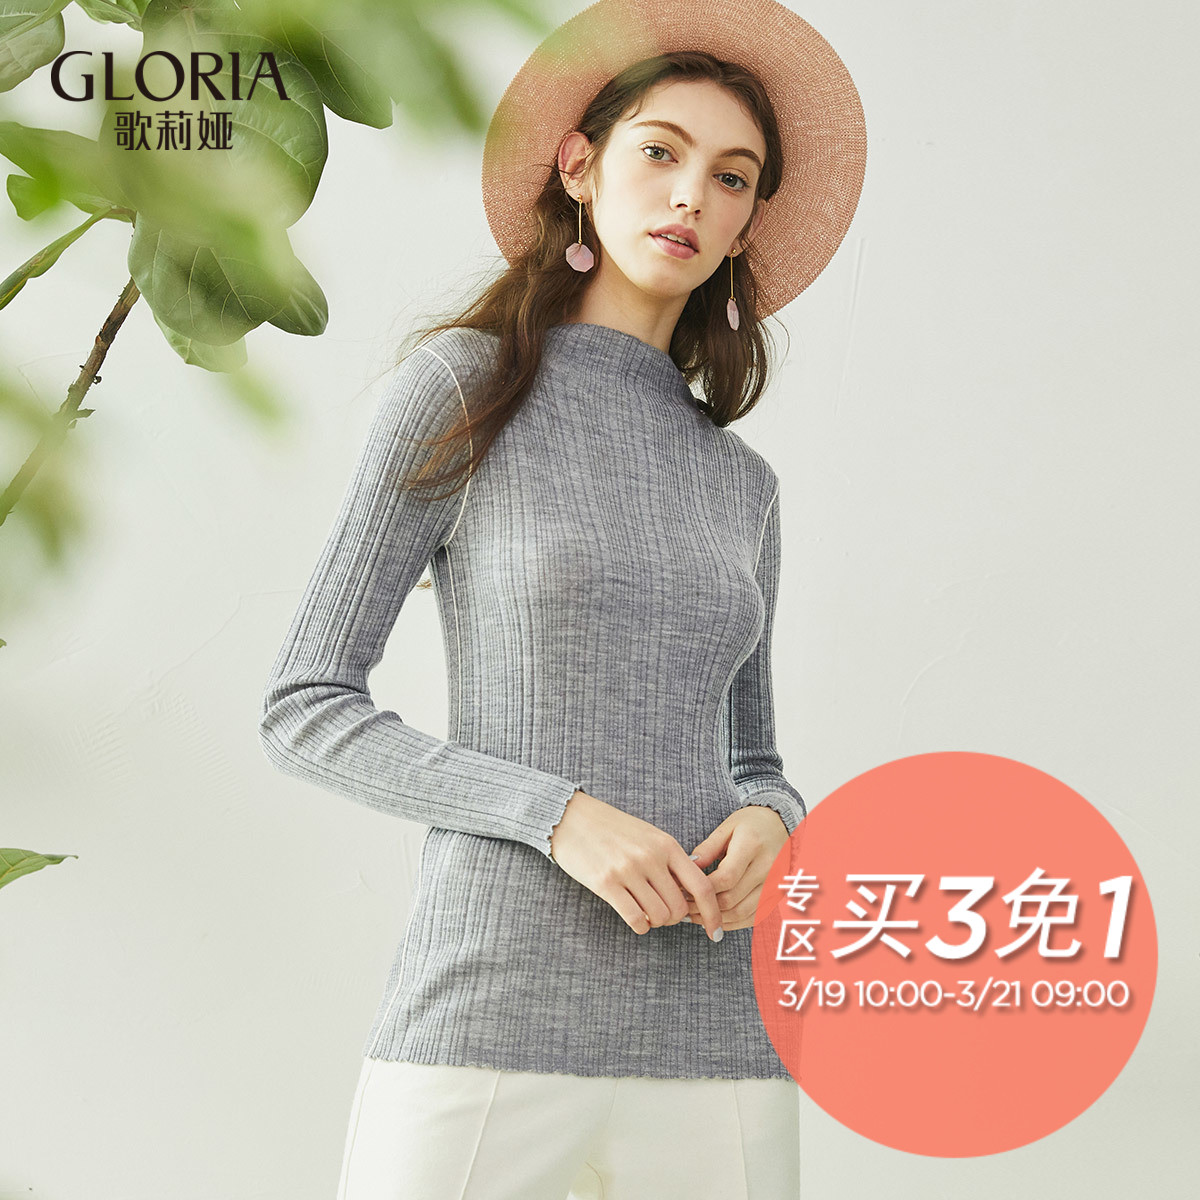 歌莉娅女装 GLORIA歌莉娅女装春季款修身打底衫百分百羊毛衣17CK5J830_推荐淘宝好看的歌莉娅